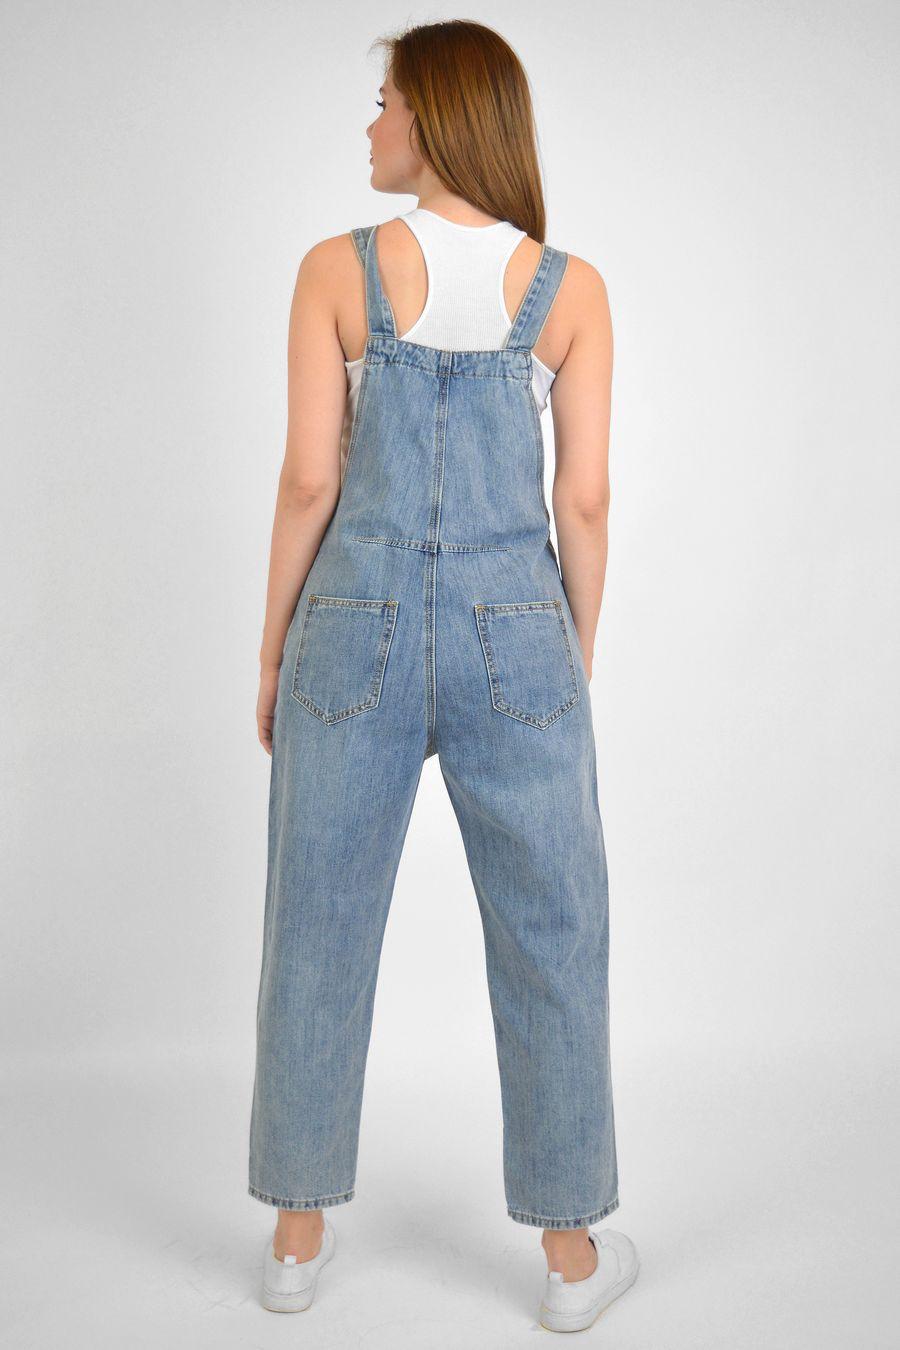 Комбинезон женский Baccino C9821 джинсовый - фото 2